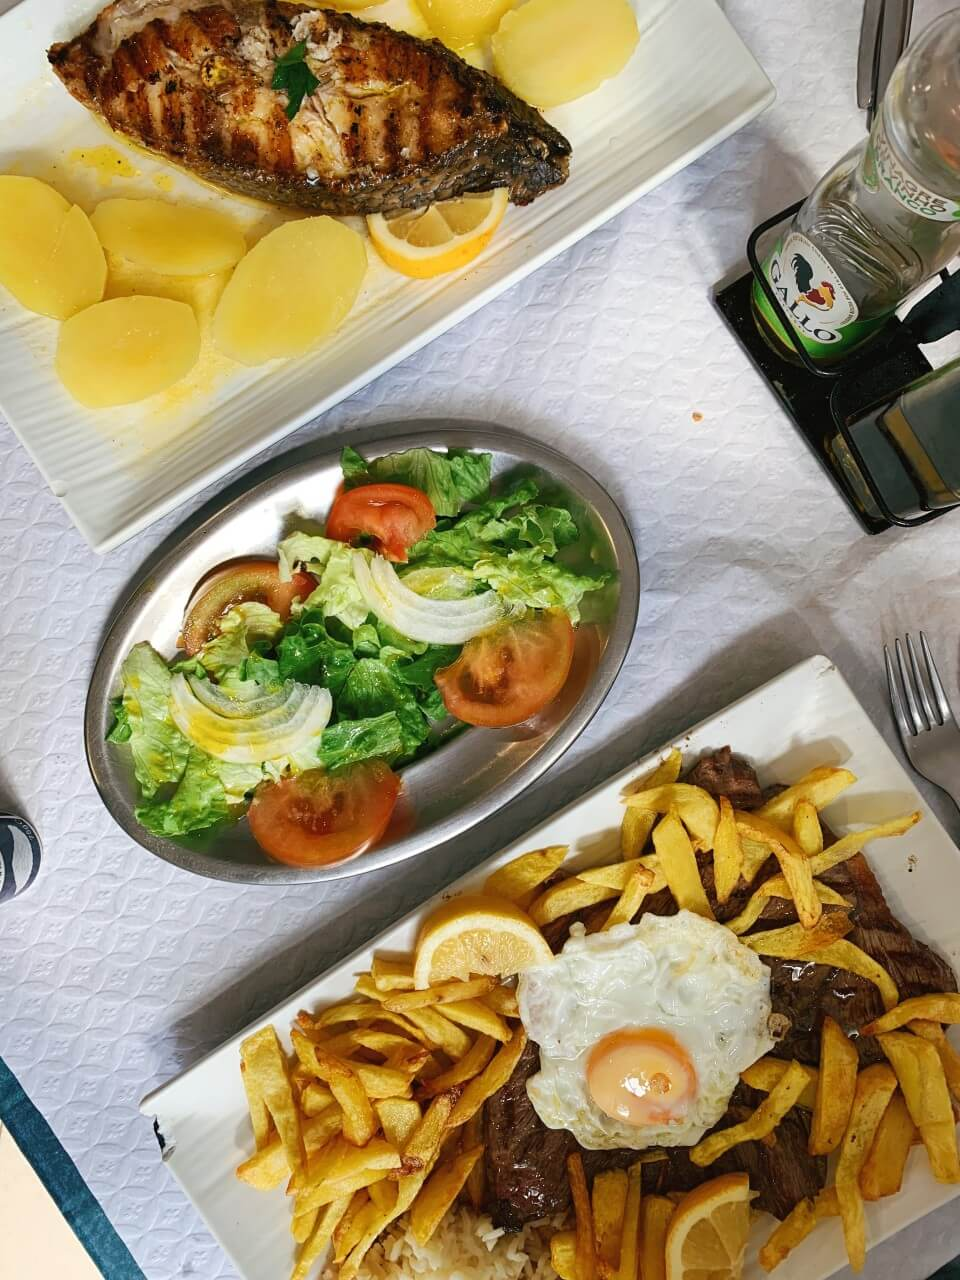 【里斯本美食推薦】道地便宜美食,里斯本平價餐廳整理 2